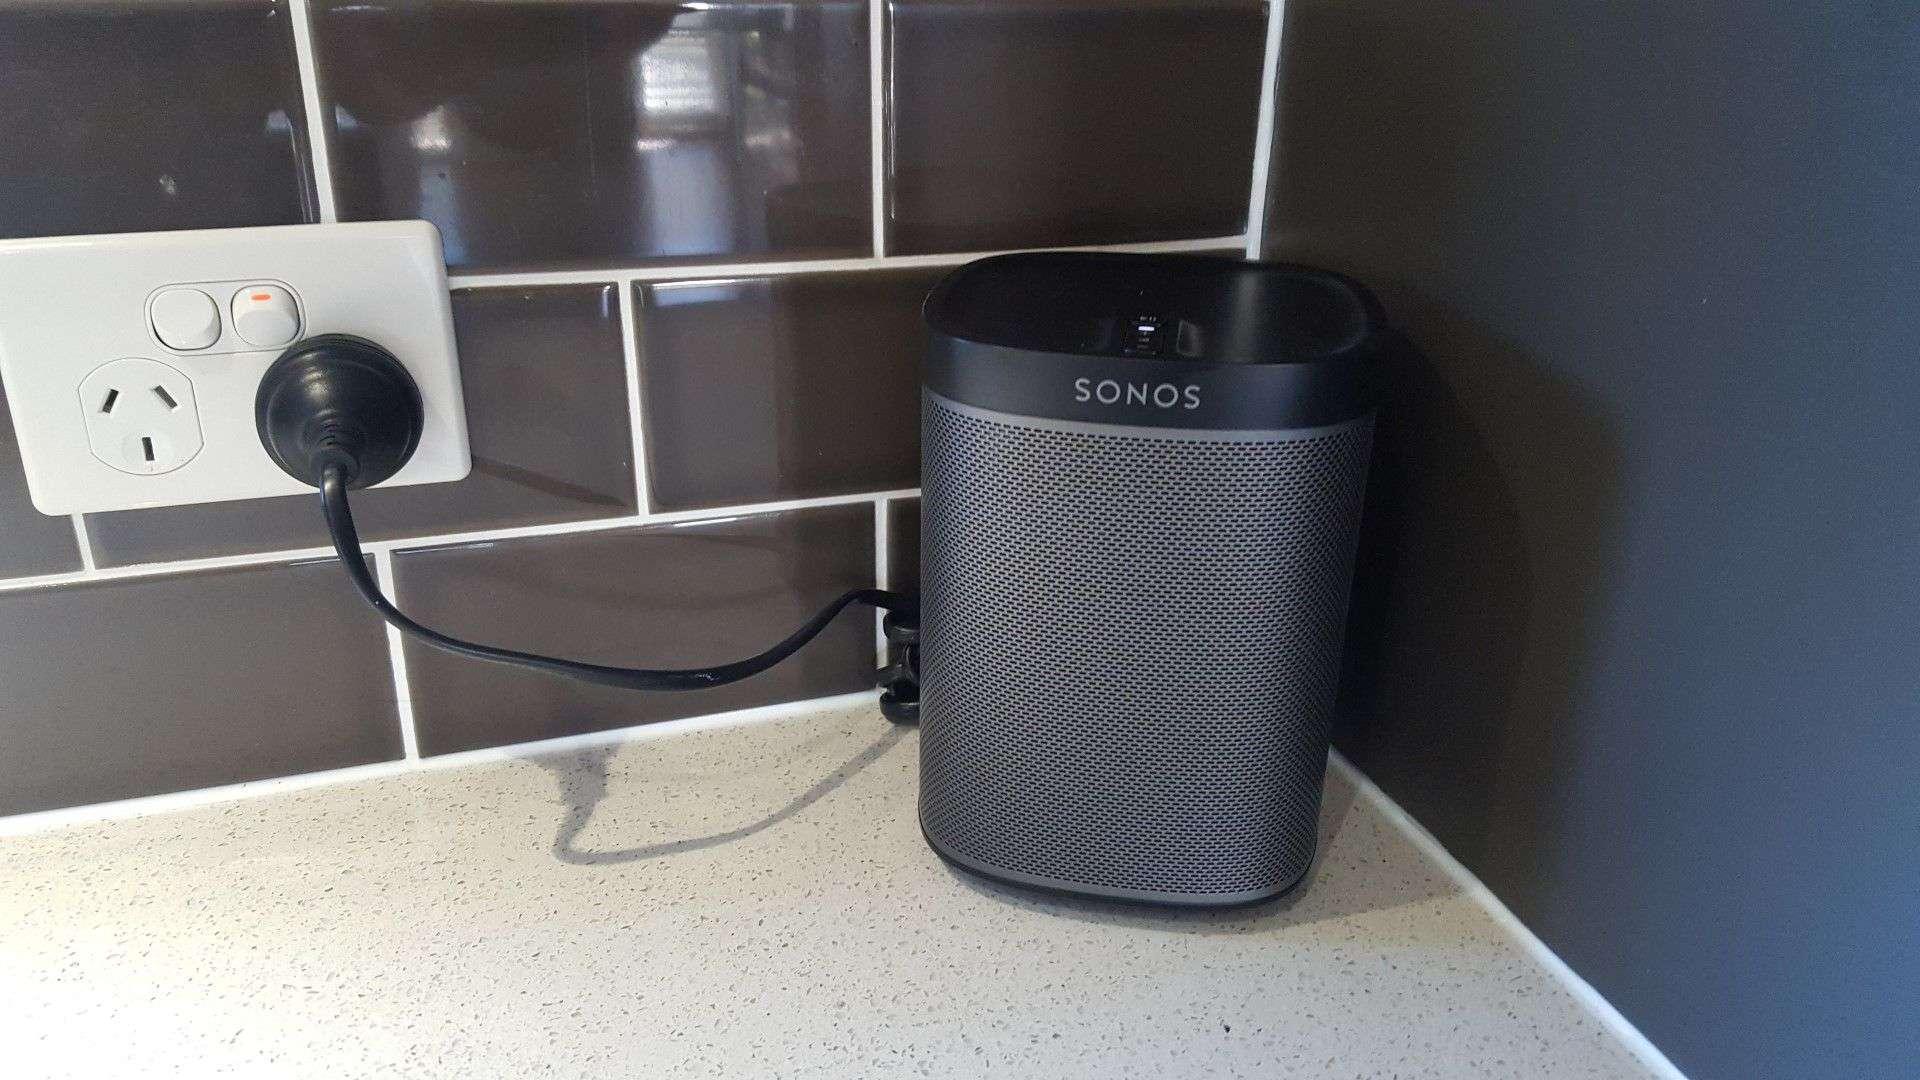 Sonos wifi problem